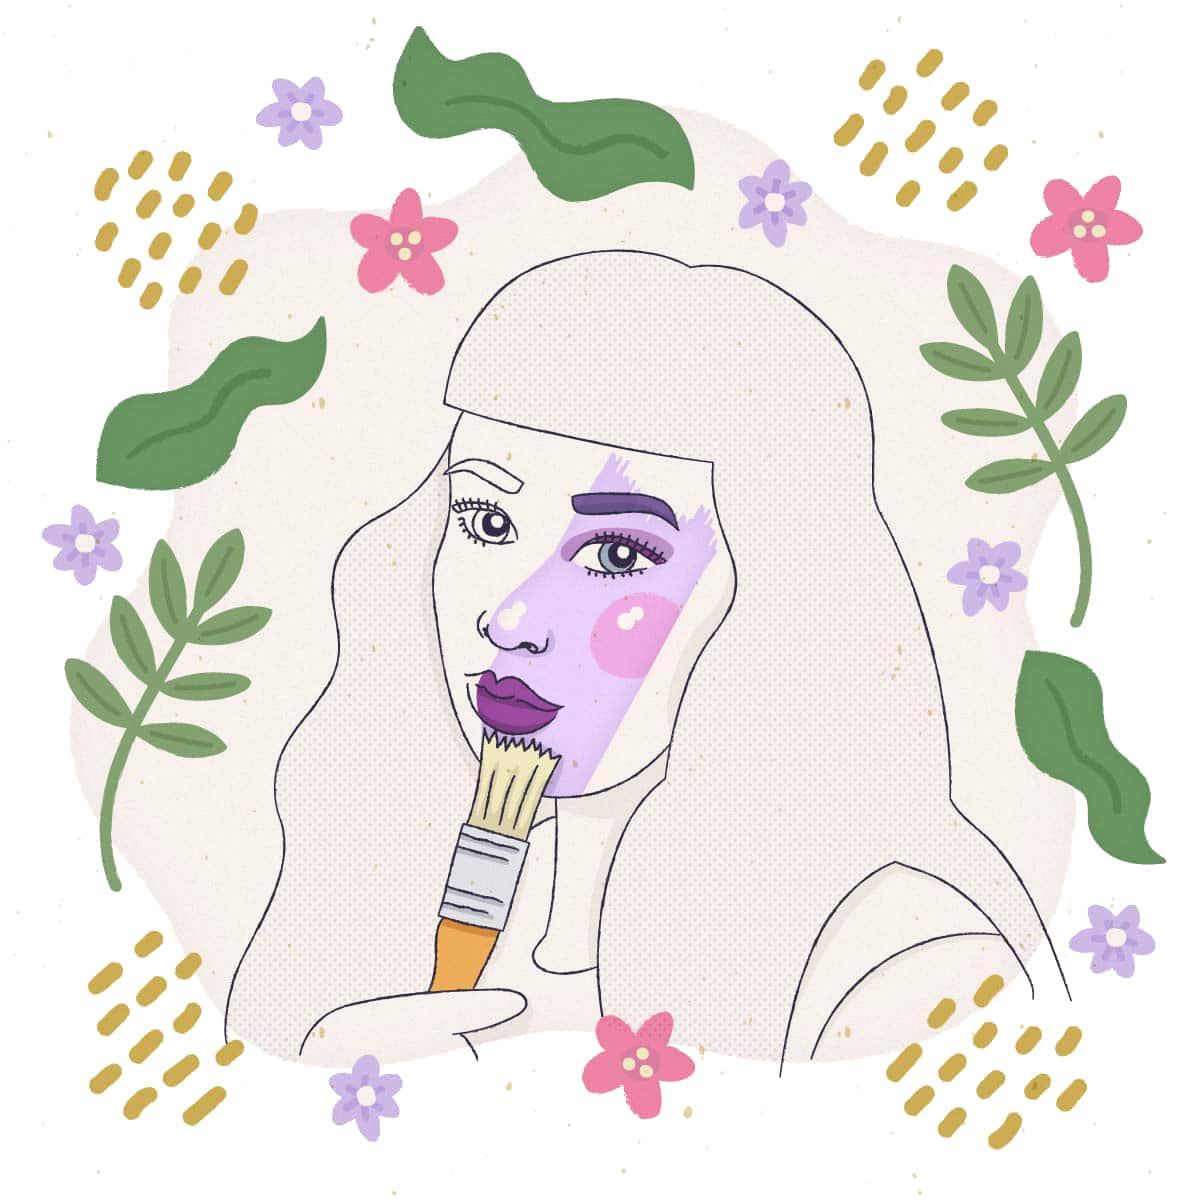 ilustración de una mujer con la cara pincelada de colores y plantas al rededor